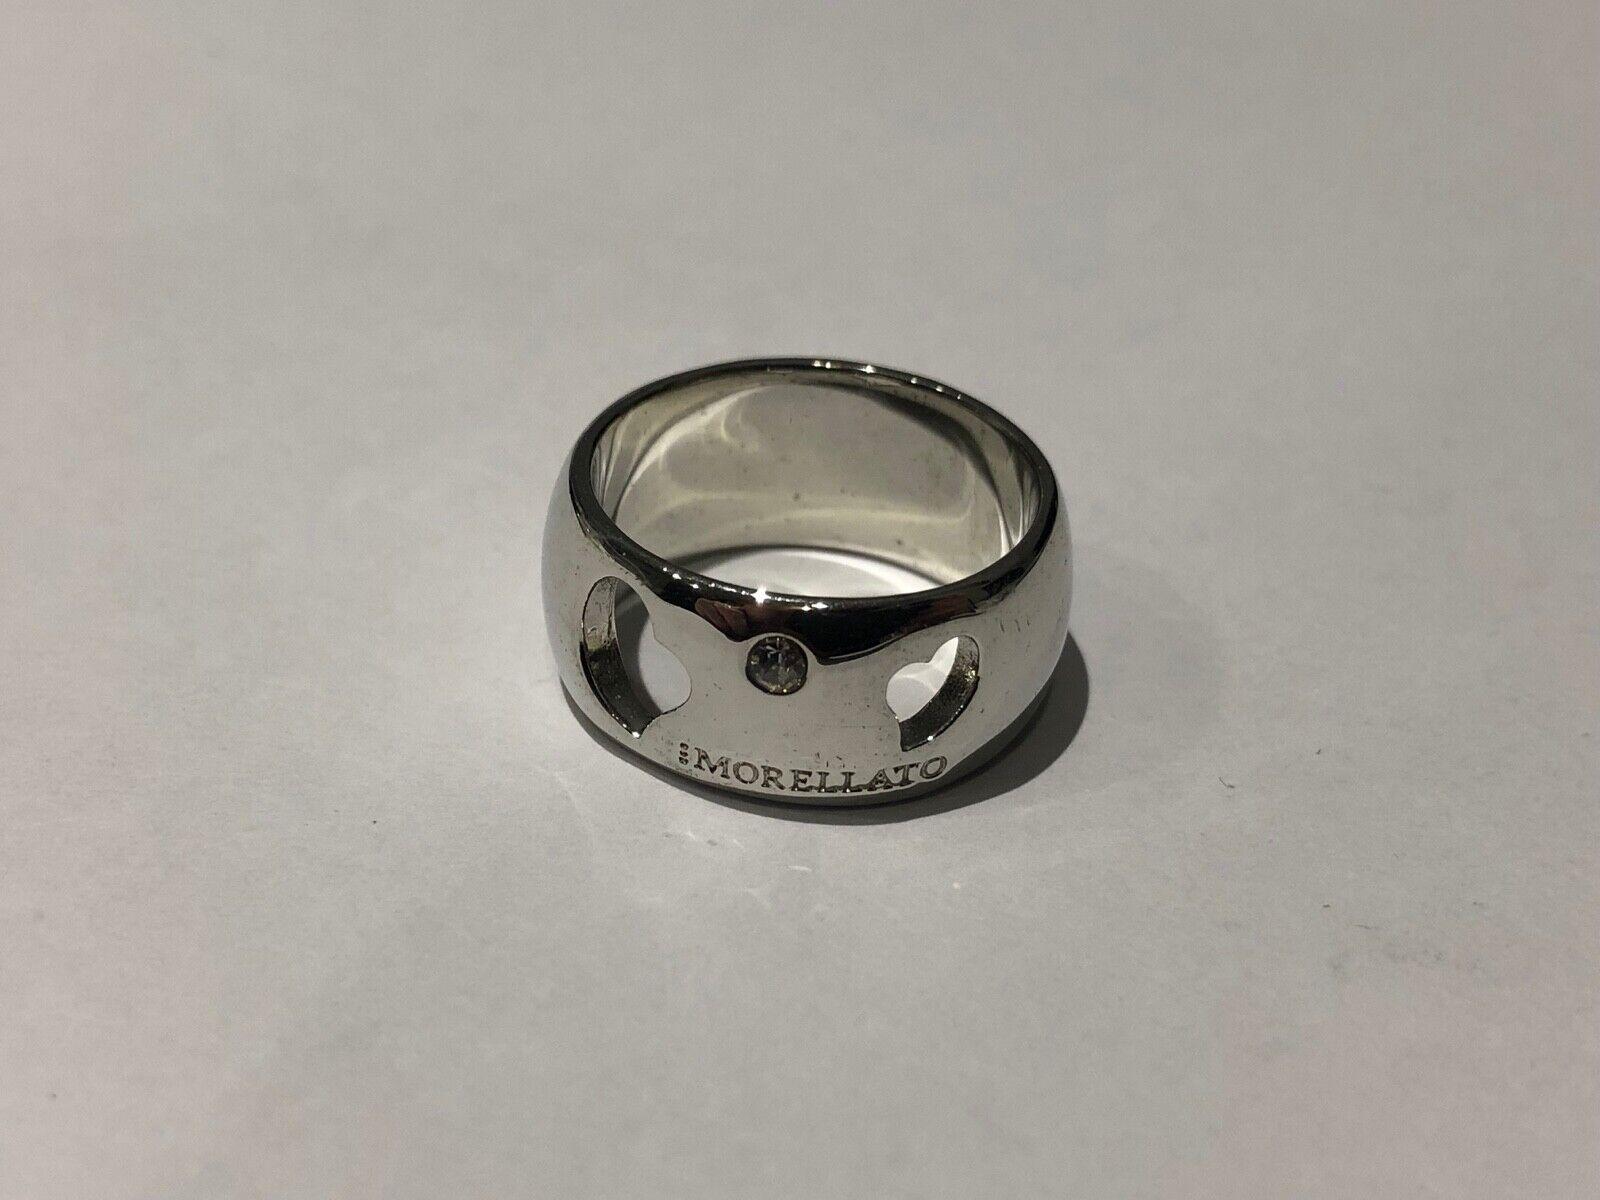 Ring Anello - Morellato - Silver - Size 14 - image 2